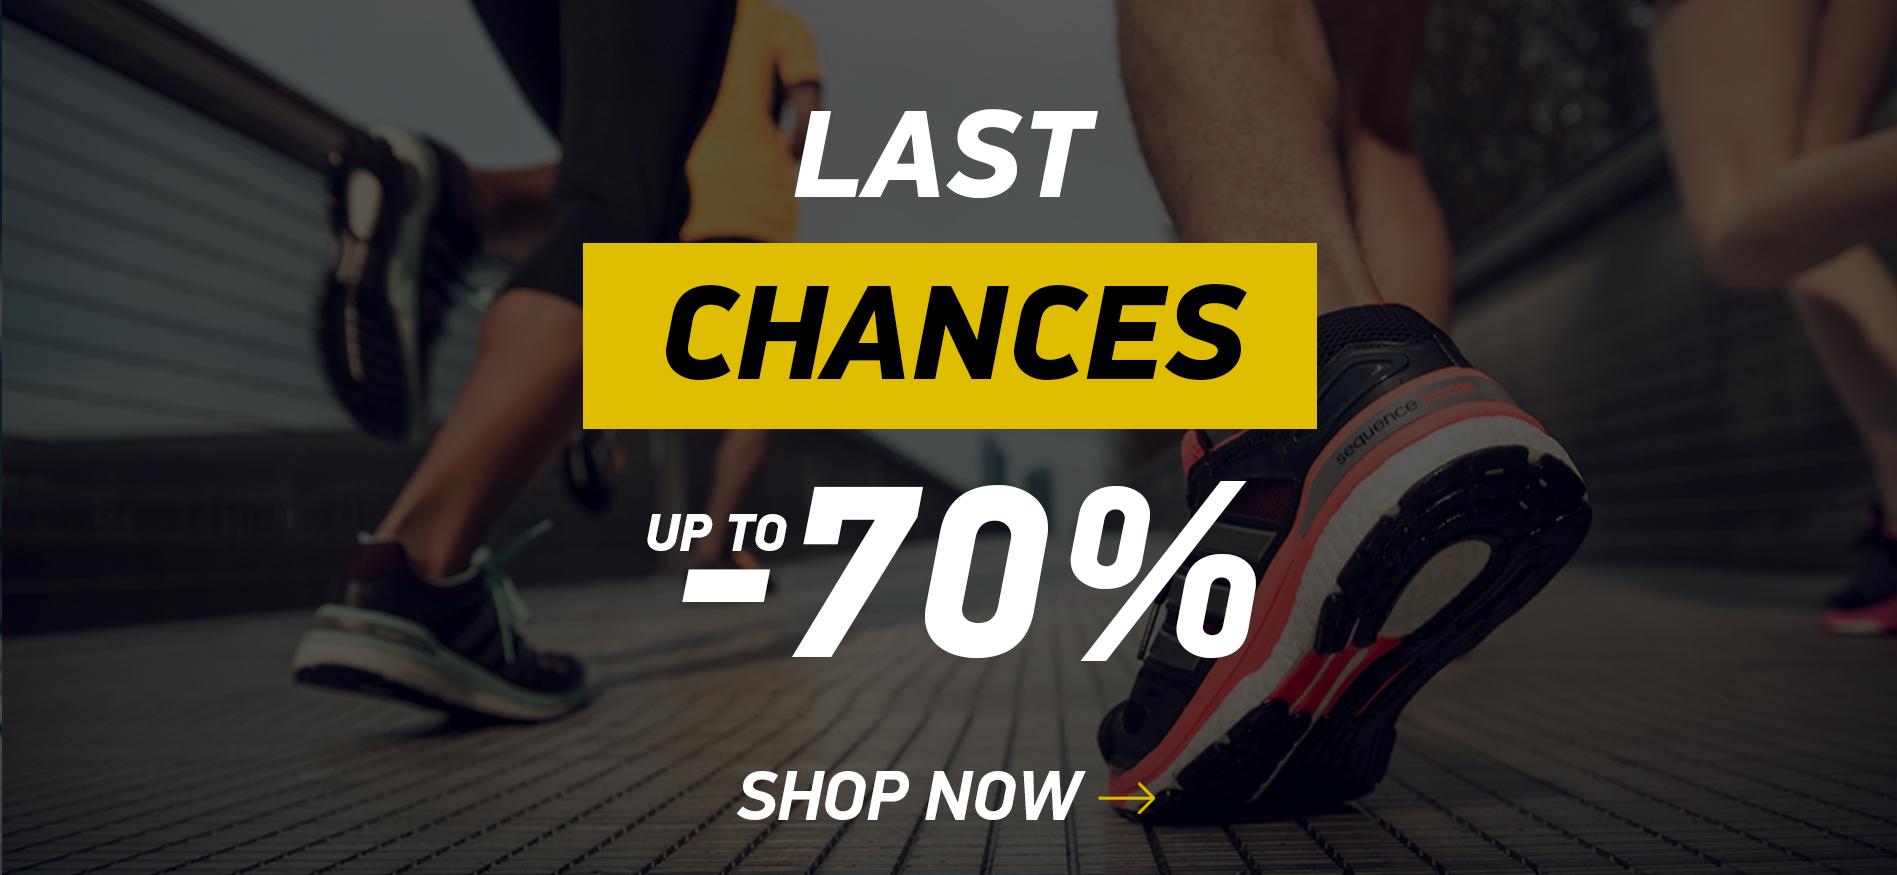 LAST CHANCES -70%